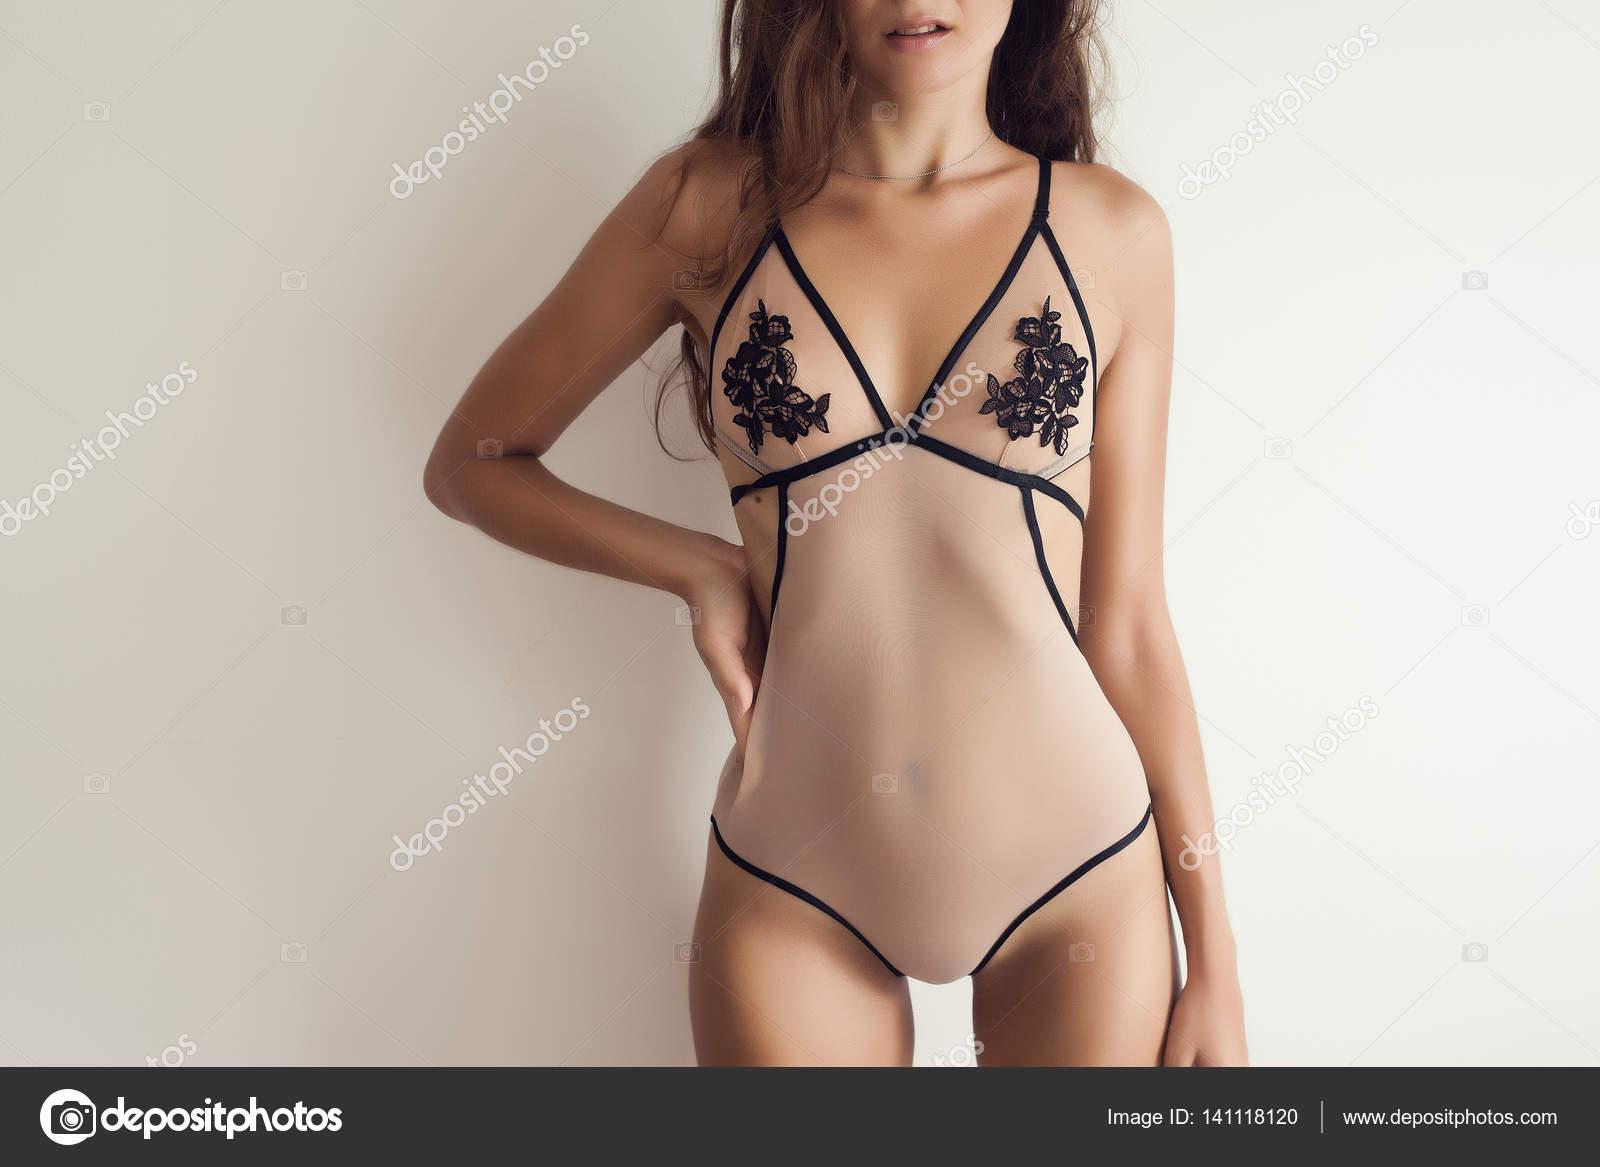 Modelos colombianas en ropa interior transparente fotos